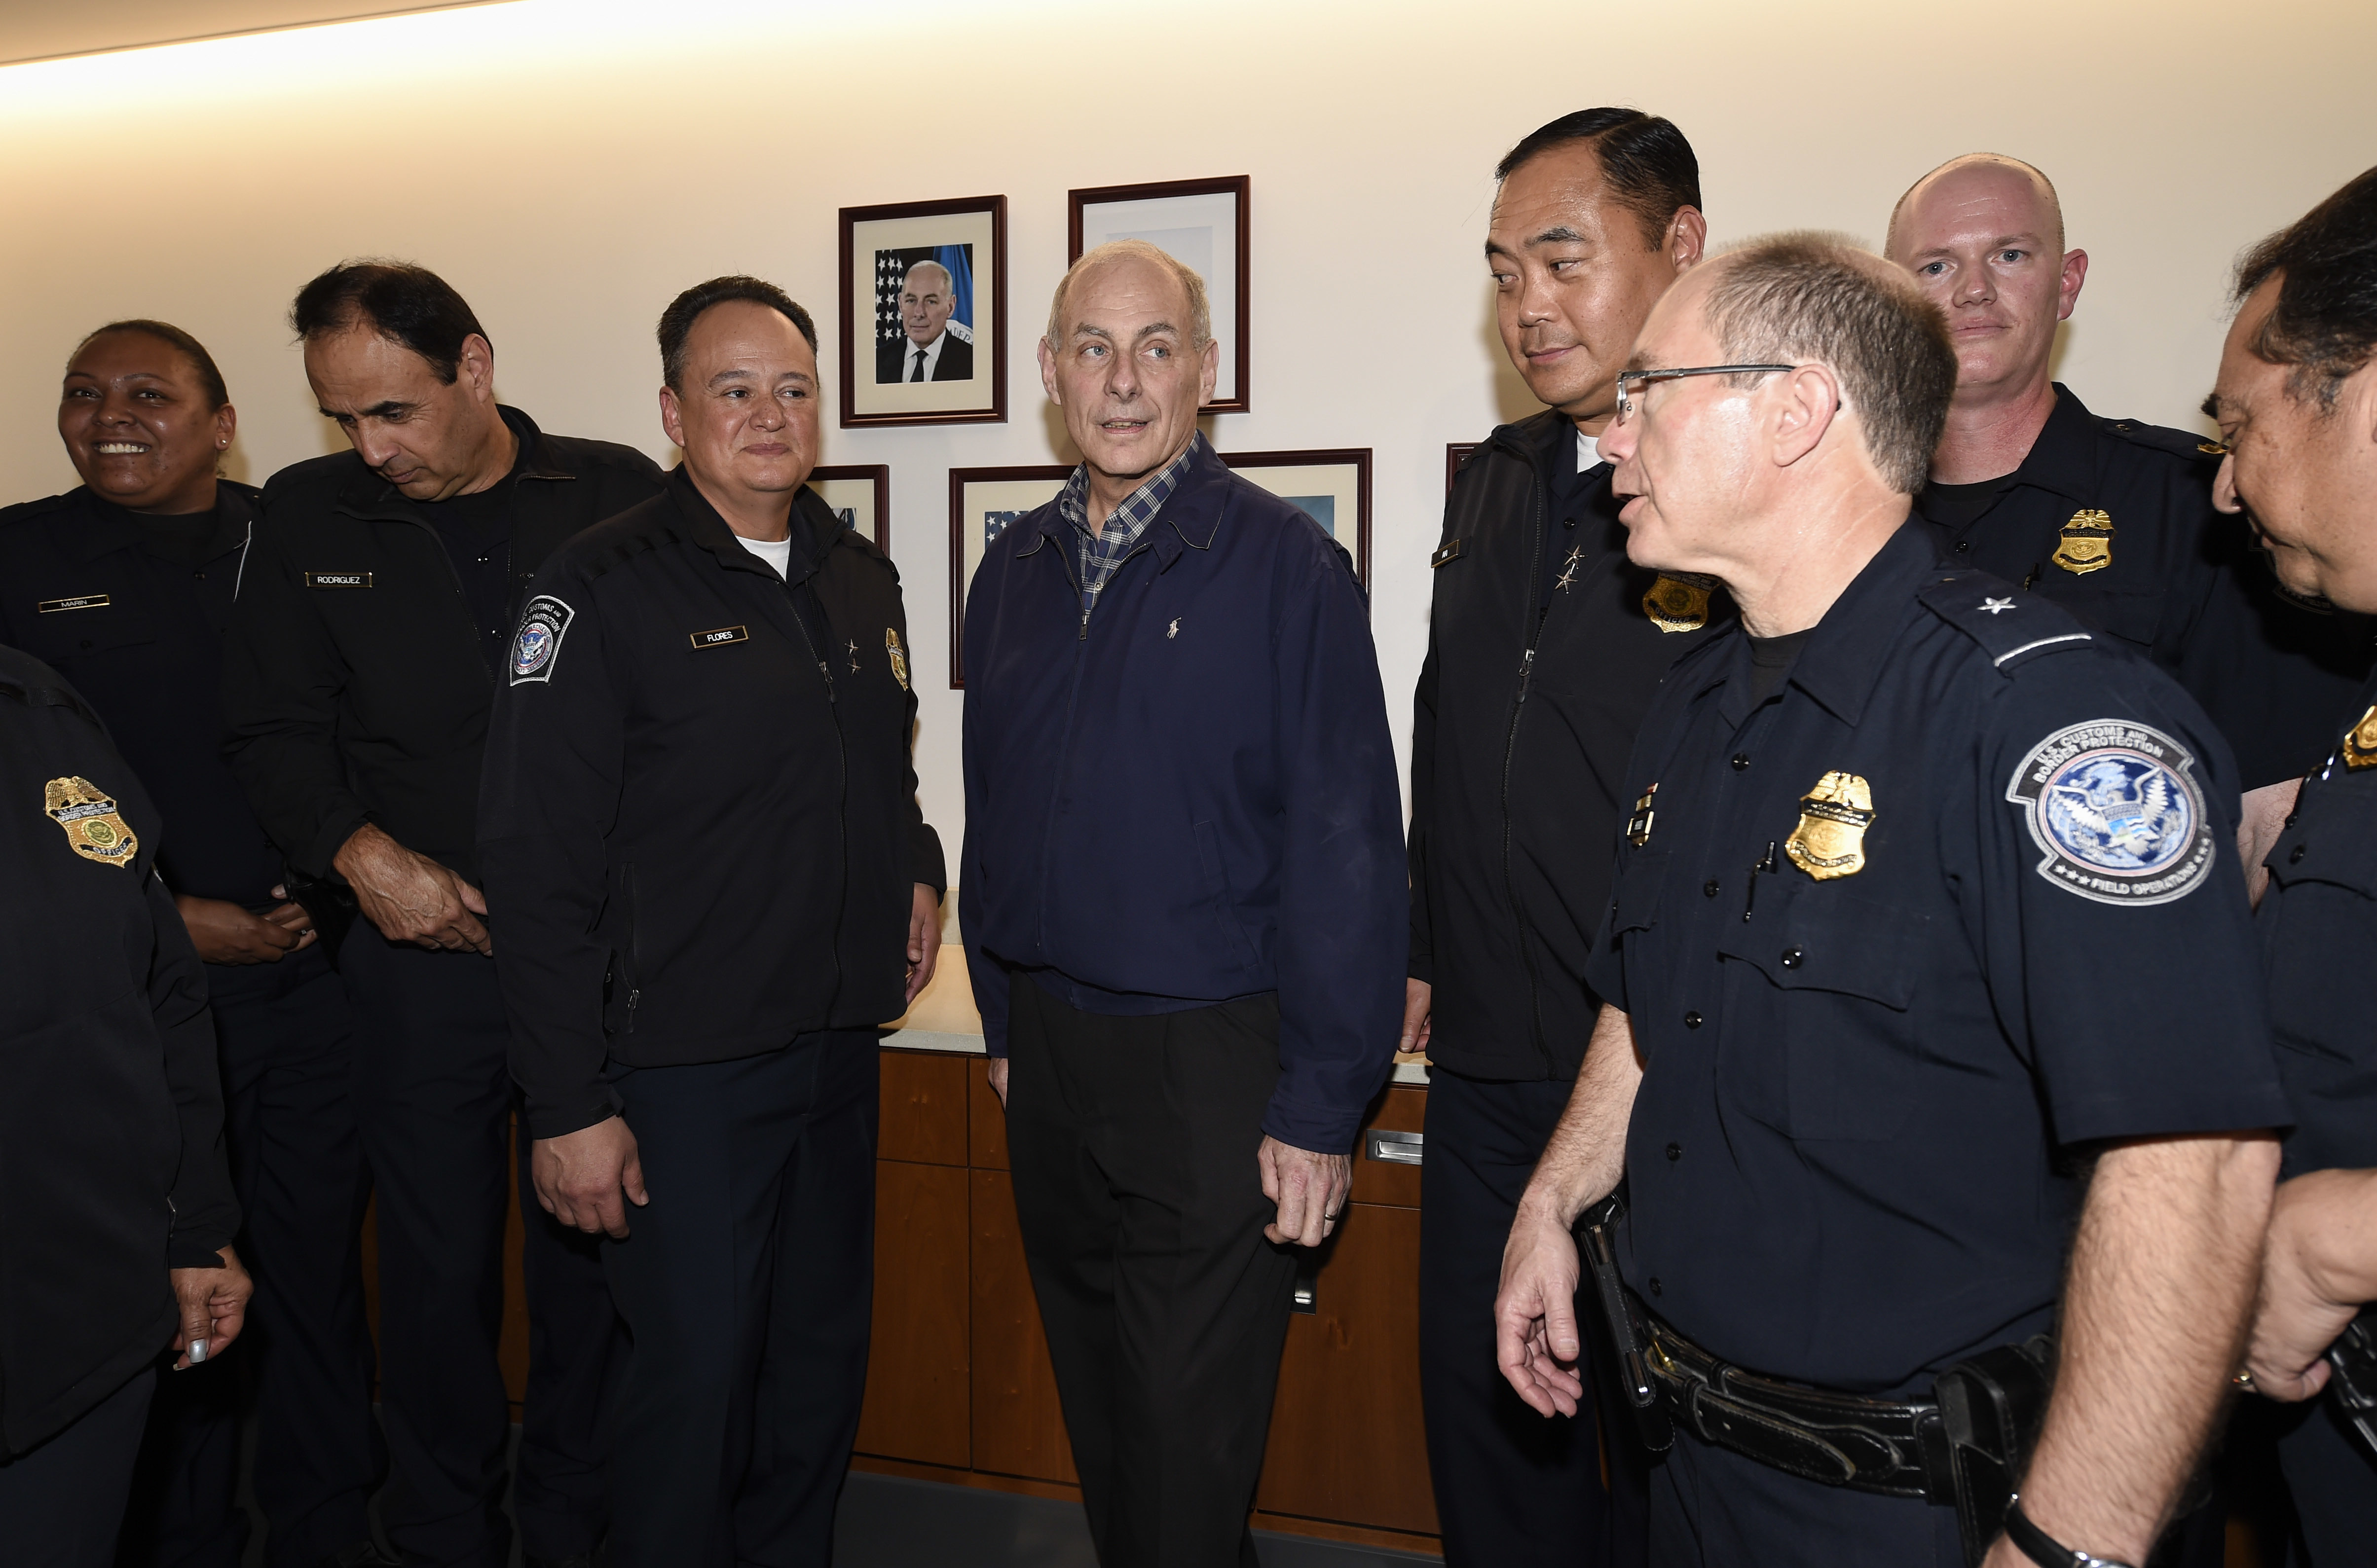 國土安全部長凱利(中)與聖地牙哥口岸的邊境保護局探員談話。(美聯社)